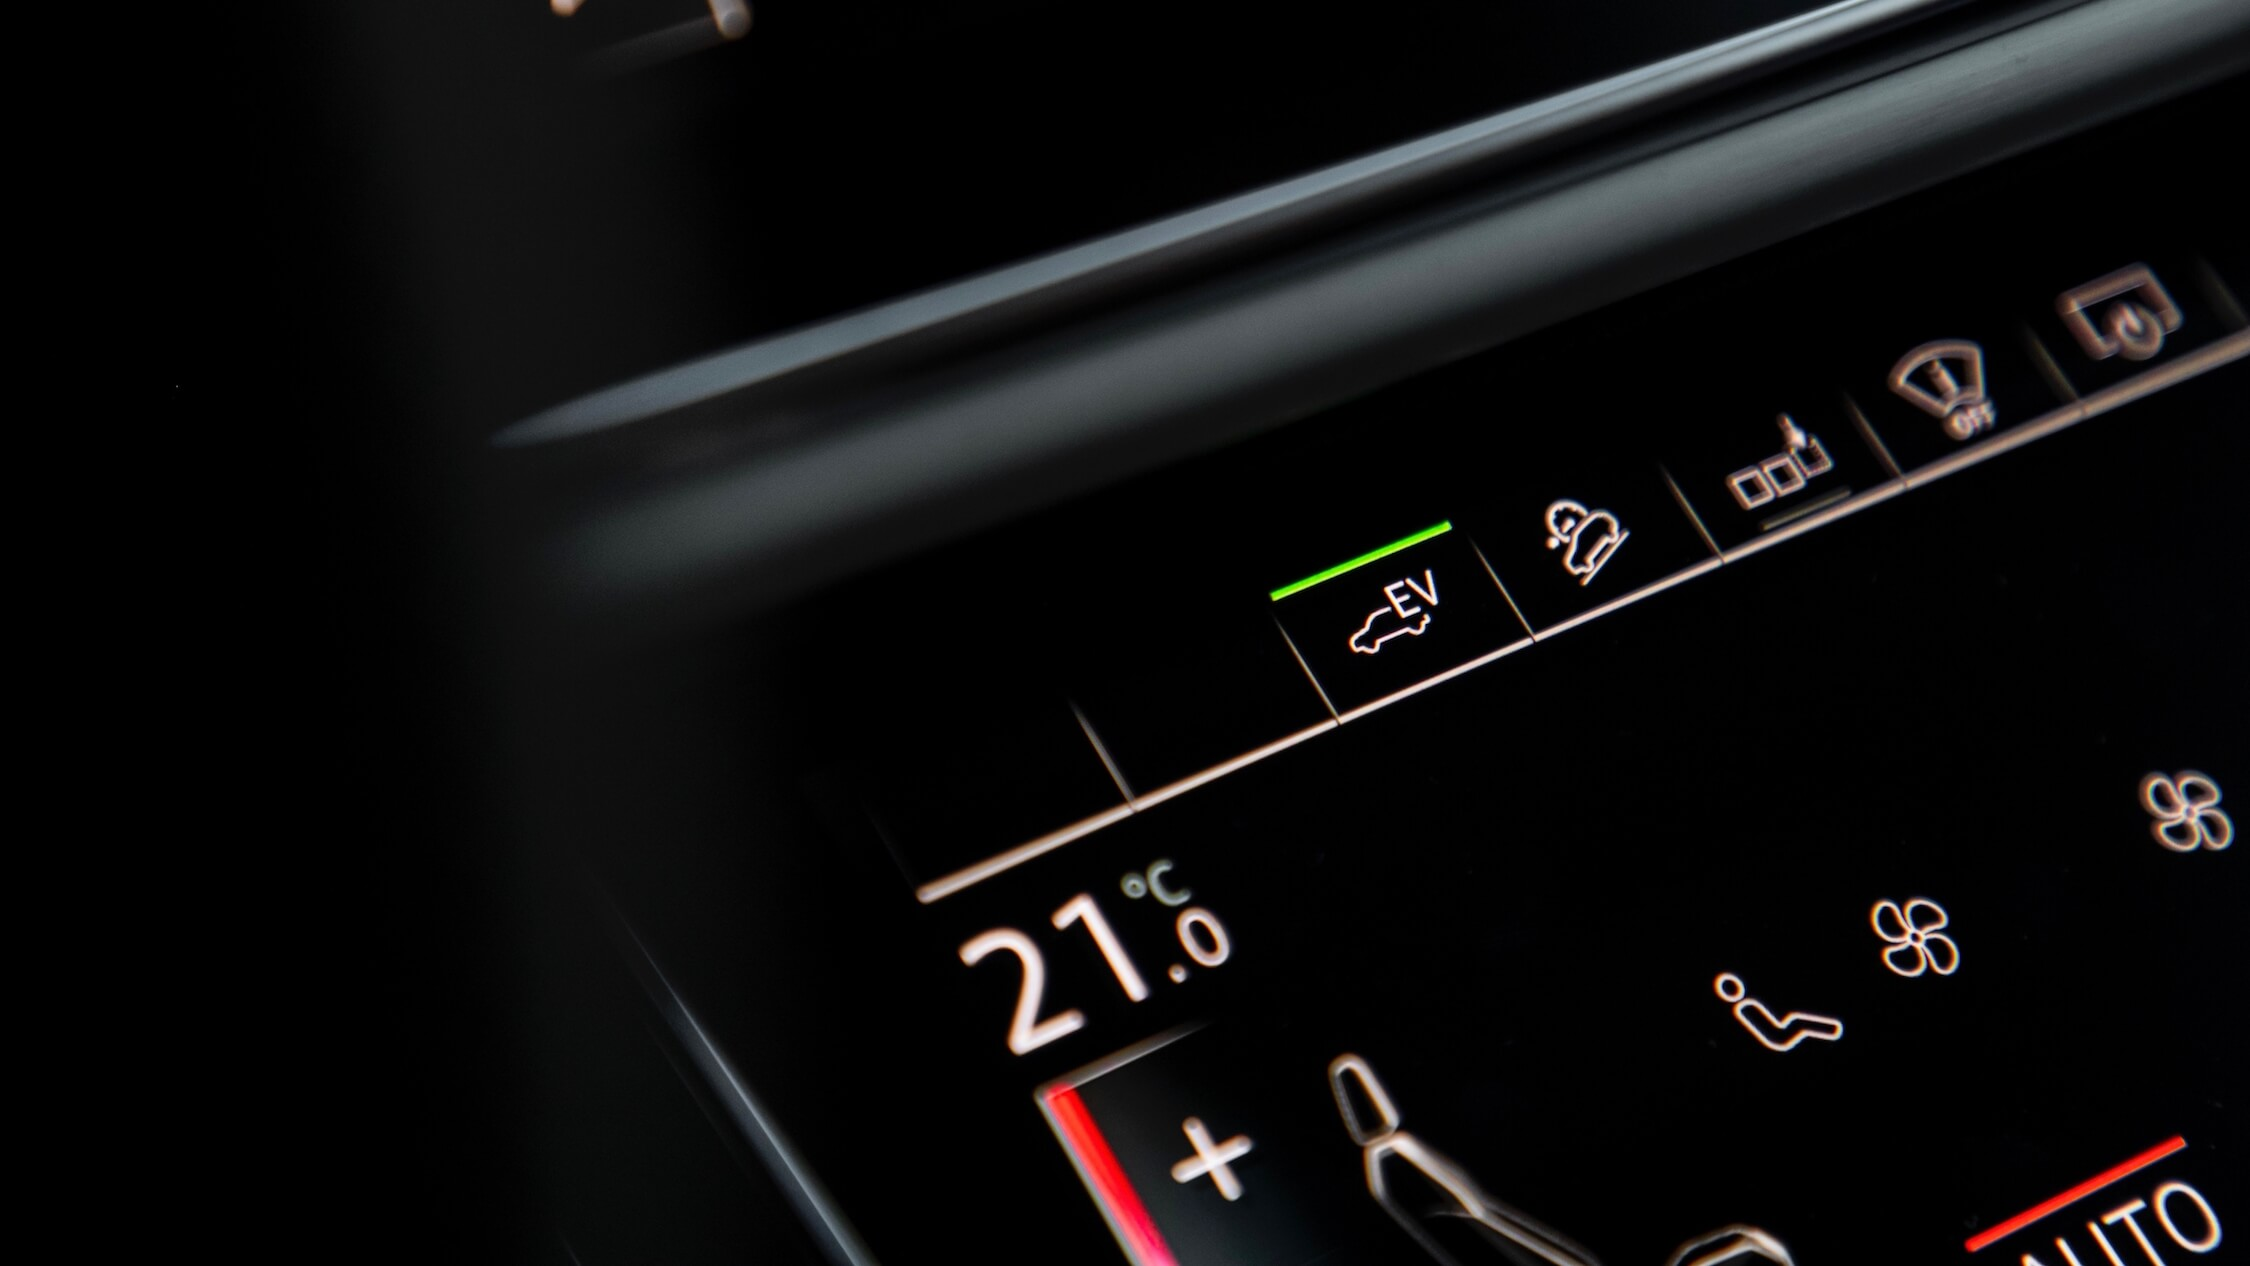 Audi Q7 PHEV EV mode